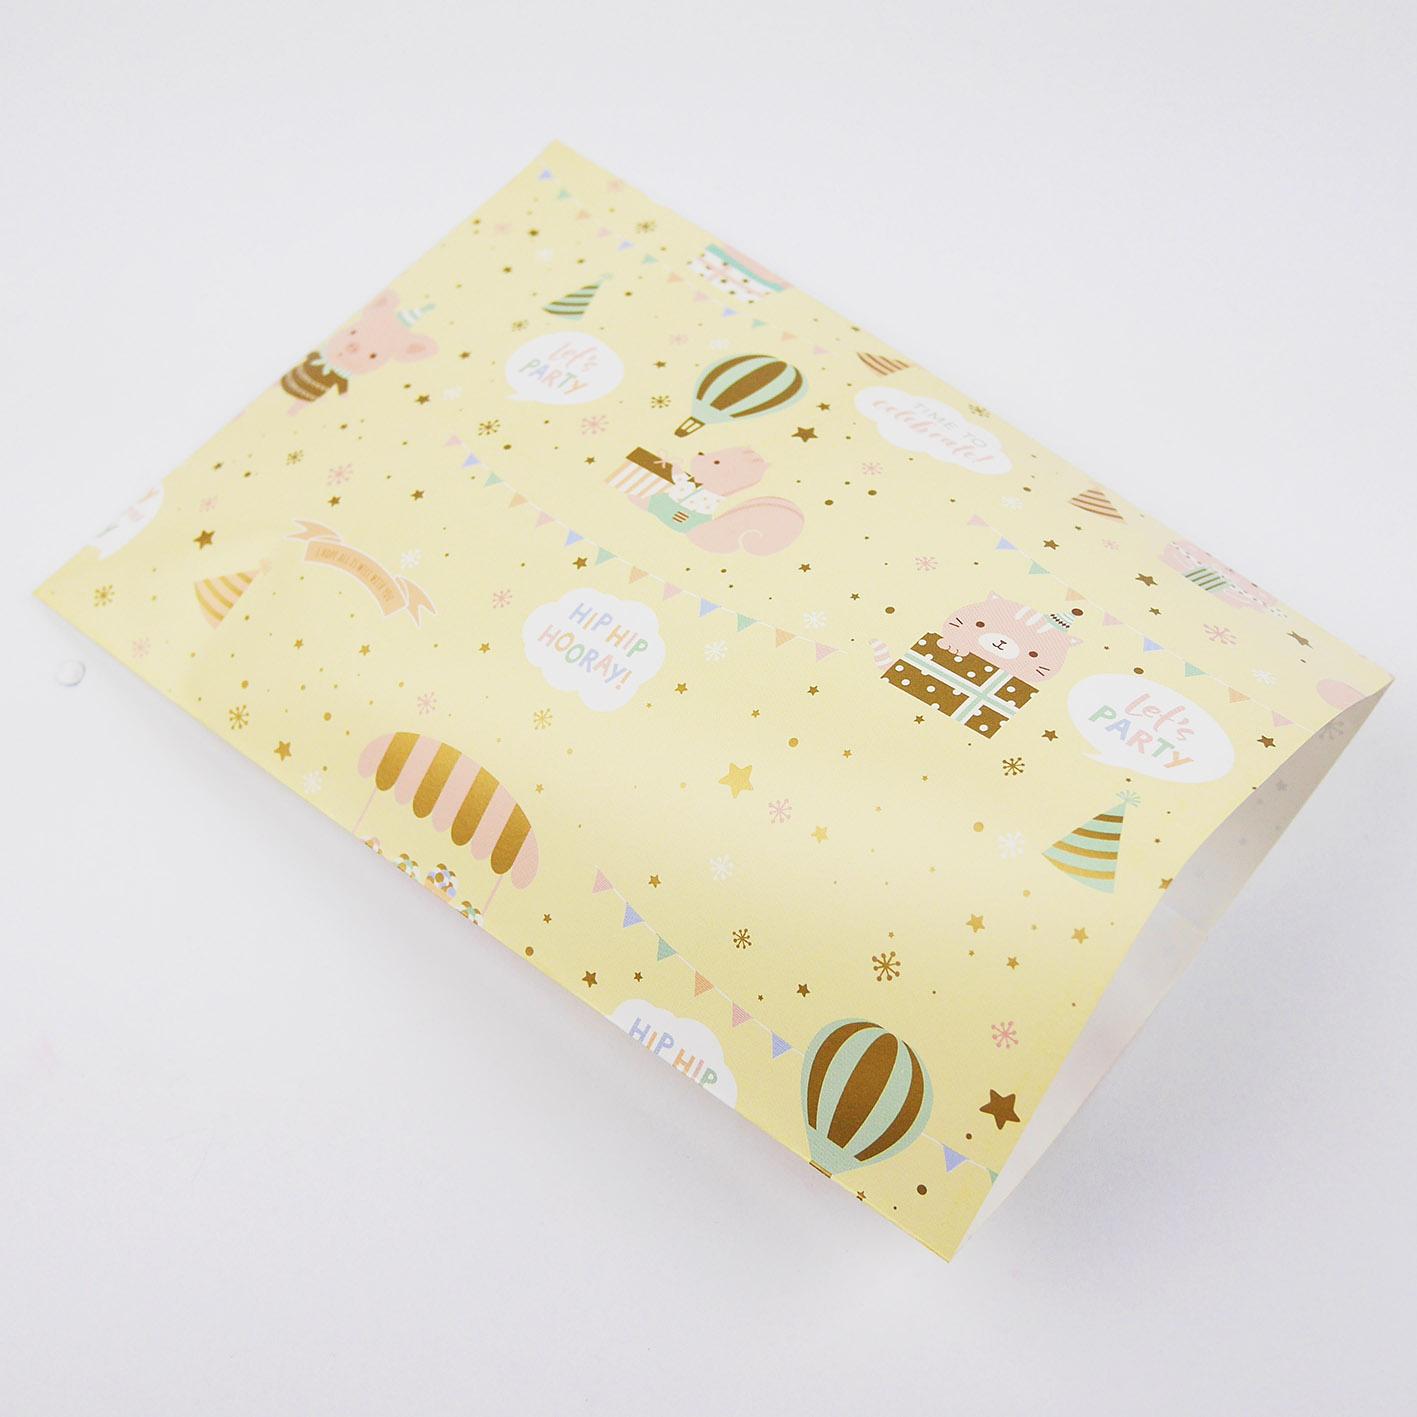 E47 寶貝派對平口紙袋